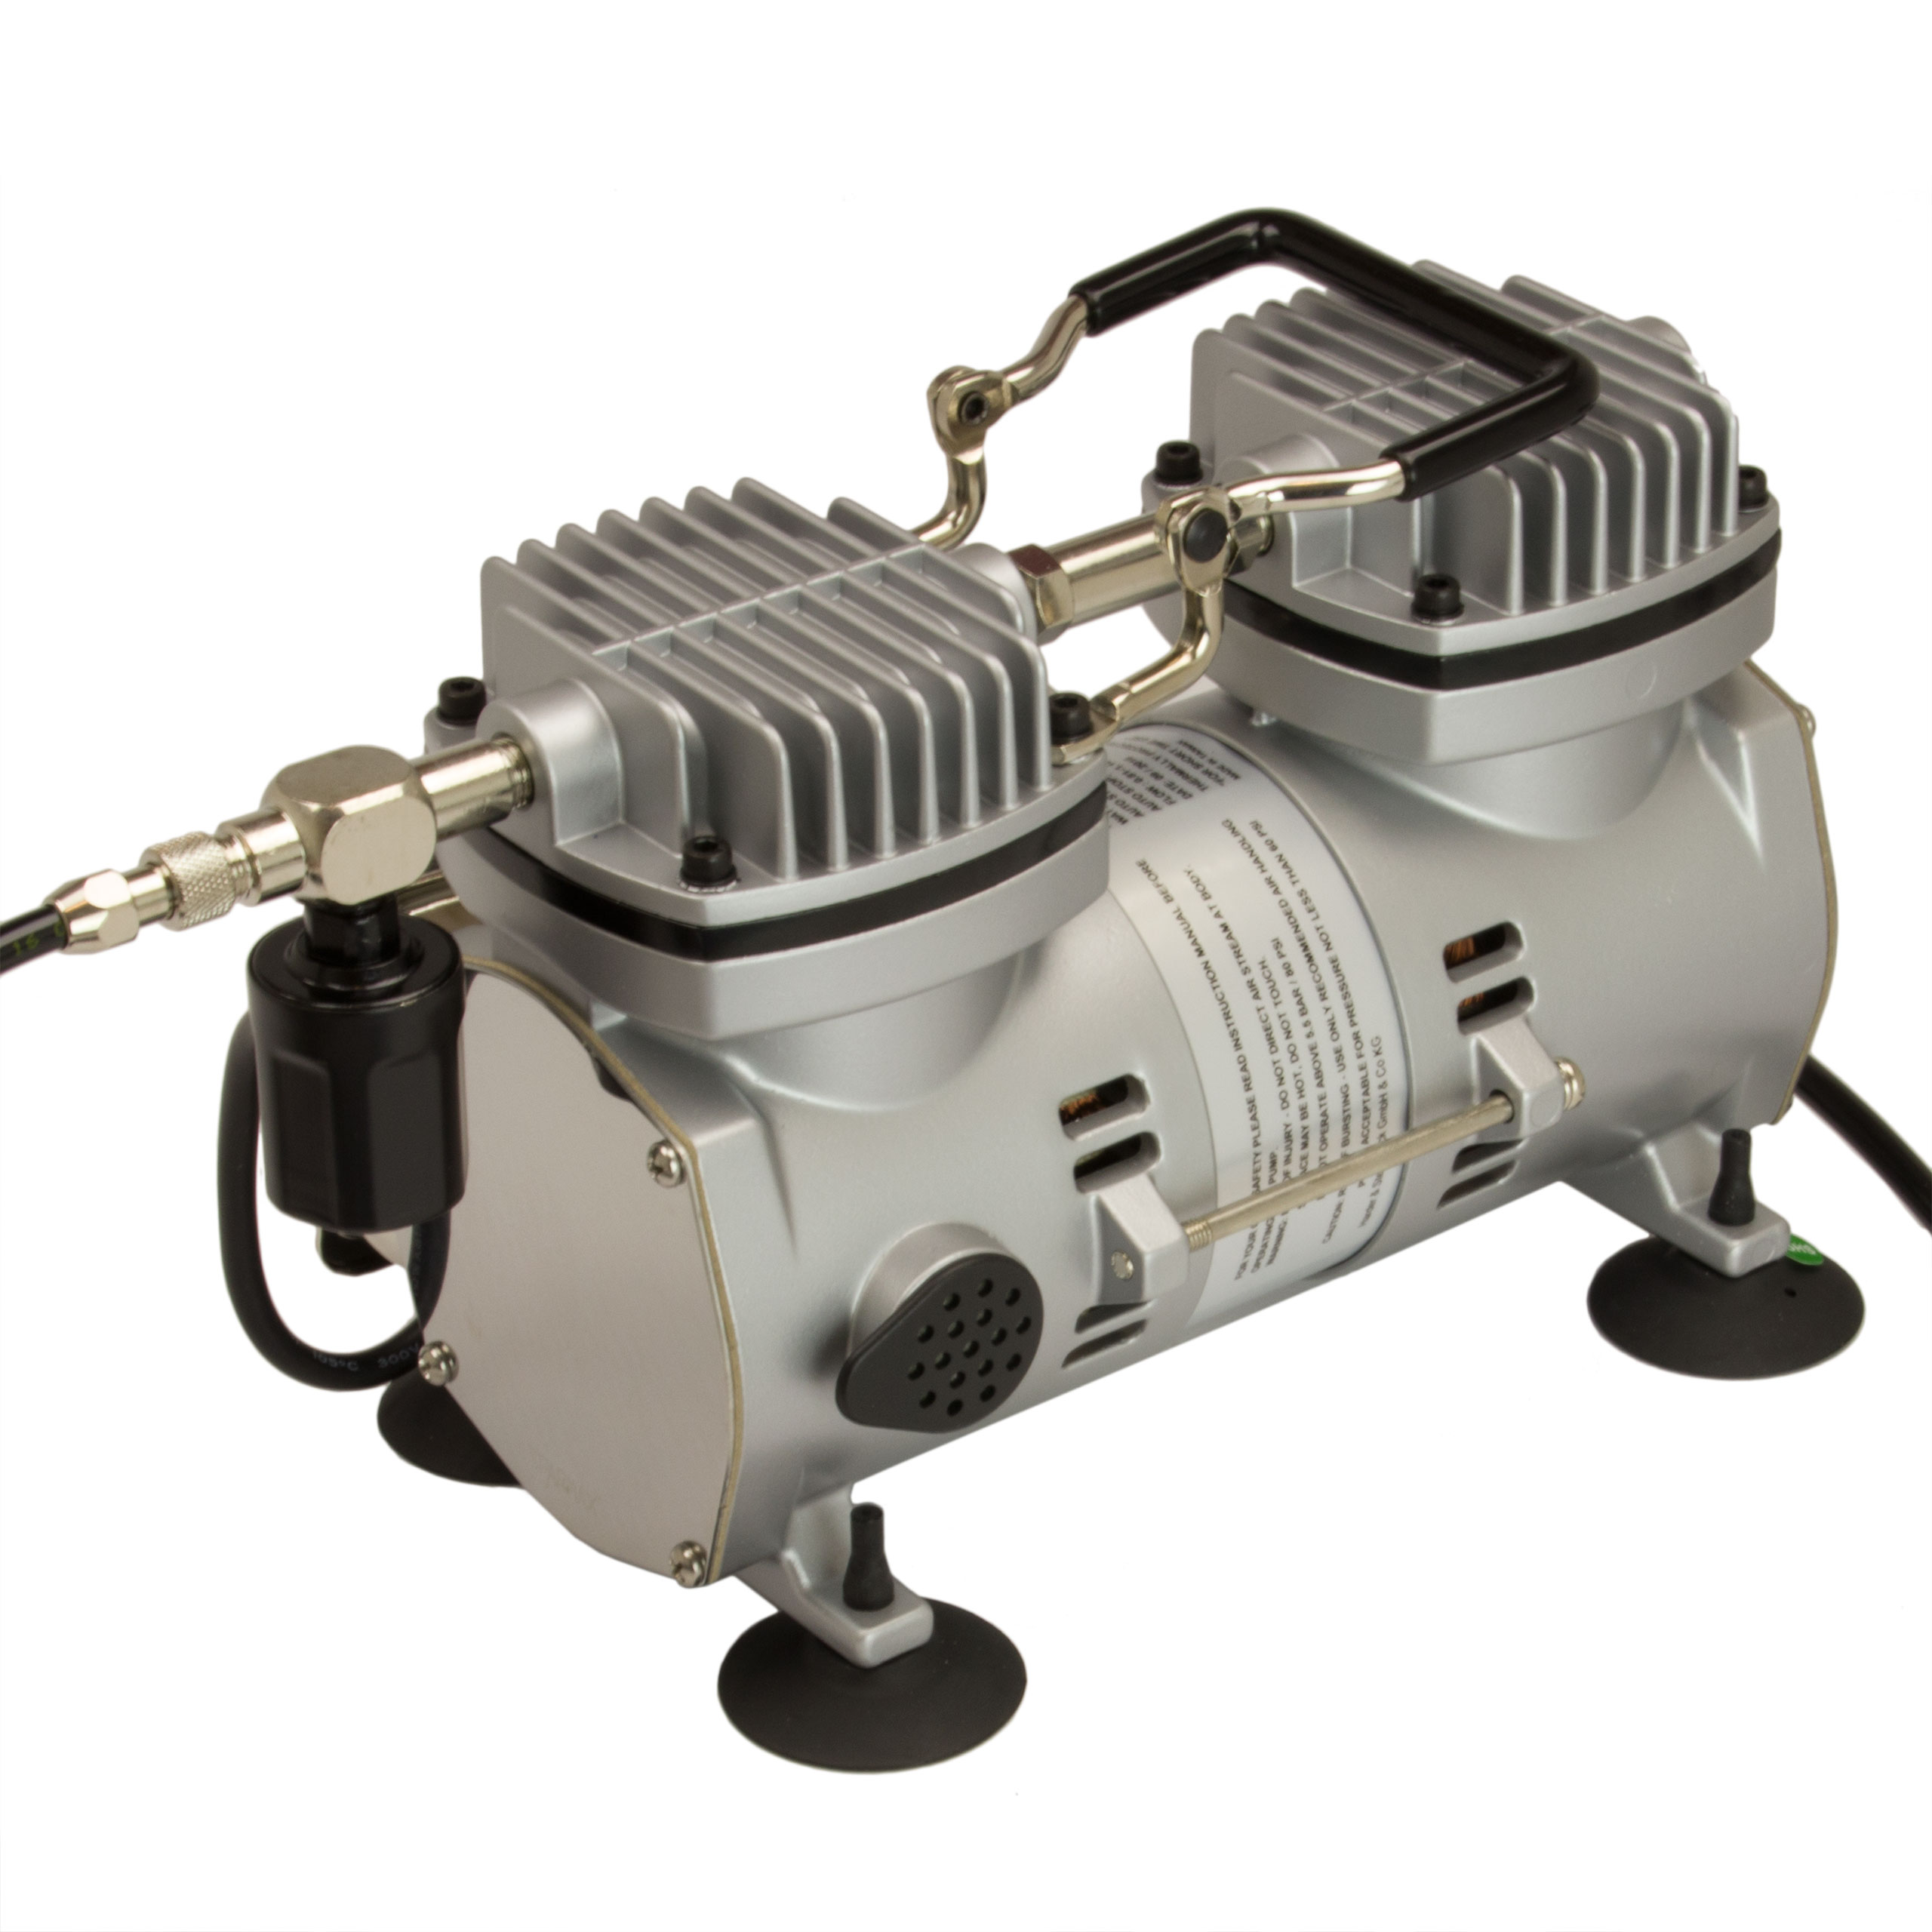 Airbrush Kompressor Sparmax Saturn 40 Doppelkolben Oelfrei